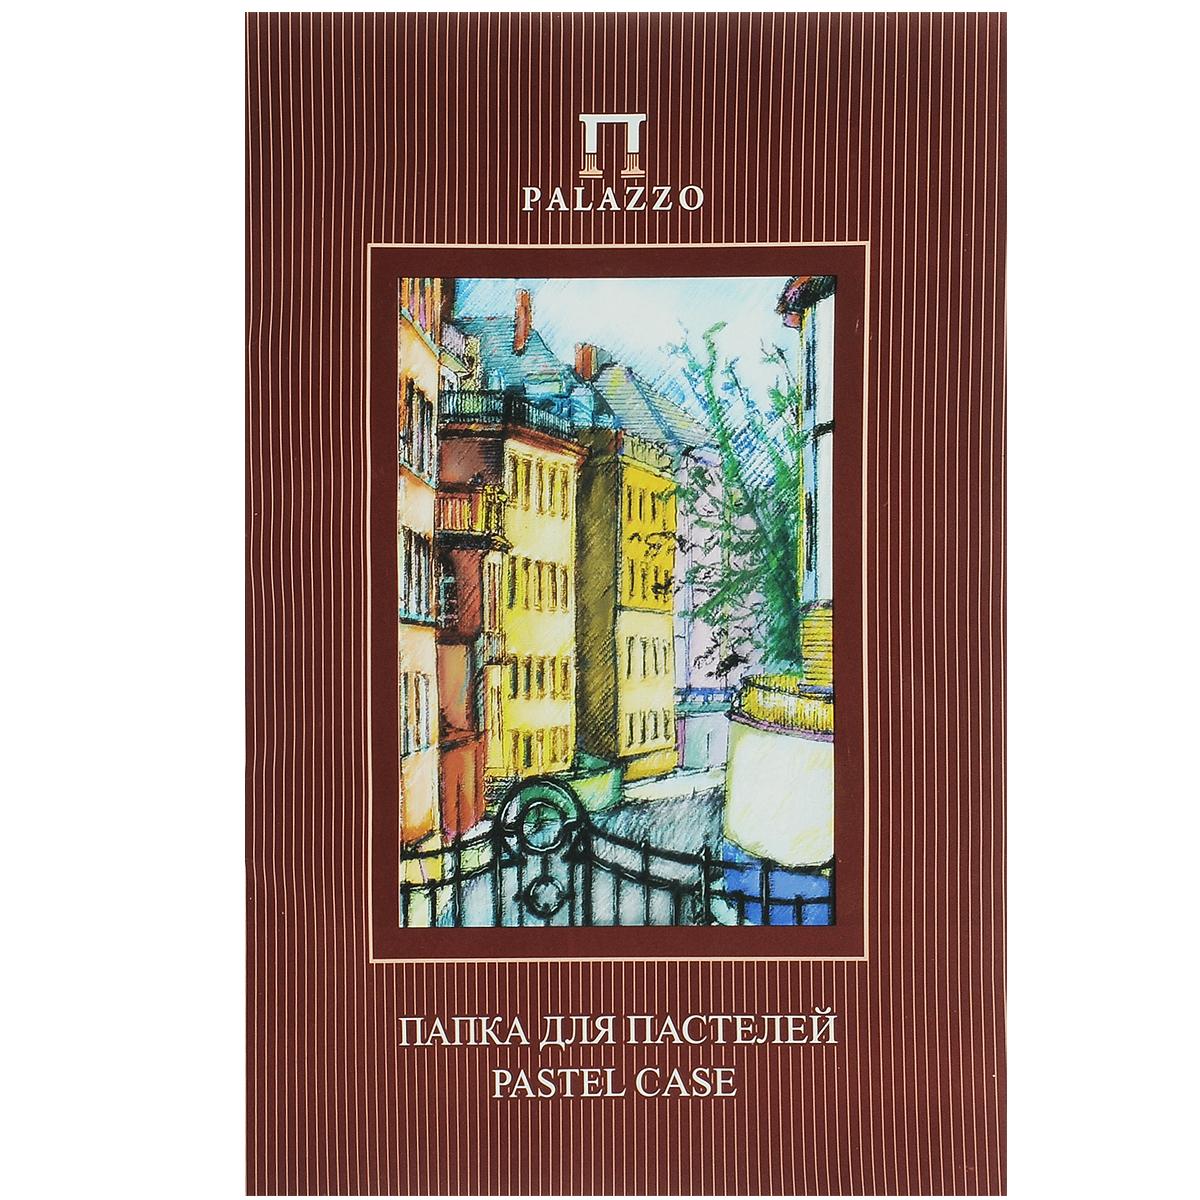 Листы для пастелей Palazzo Италия, А3, цвет: слоновая кость, 10 листов72523WDЛисты для рисования Palazzo Италия предназначены для художественных работ всеми видами красок, выполненных в технике по мокрому, по сухому. Папка для пастелей состоит из отдельных листов цветной тонированной бумаги премиум класса с повышенной плотностью 280 г/м2 и предназначена для различных техник рисования карандашом, древесным углем, пастелью, цветным карандашом и чернилами, используется для акварельных работ.Благодаря своим свойствам рисовальная бумага выдерживает смывки, подчистки, способна к наполнению глубины красочного слоя и сохранению его яркости. Формат: А3.Плотность: 280 г/м2.